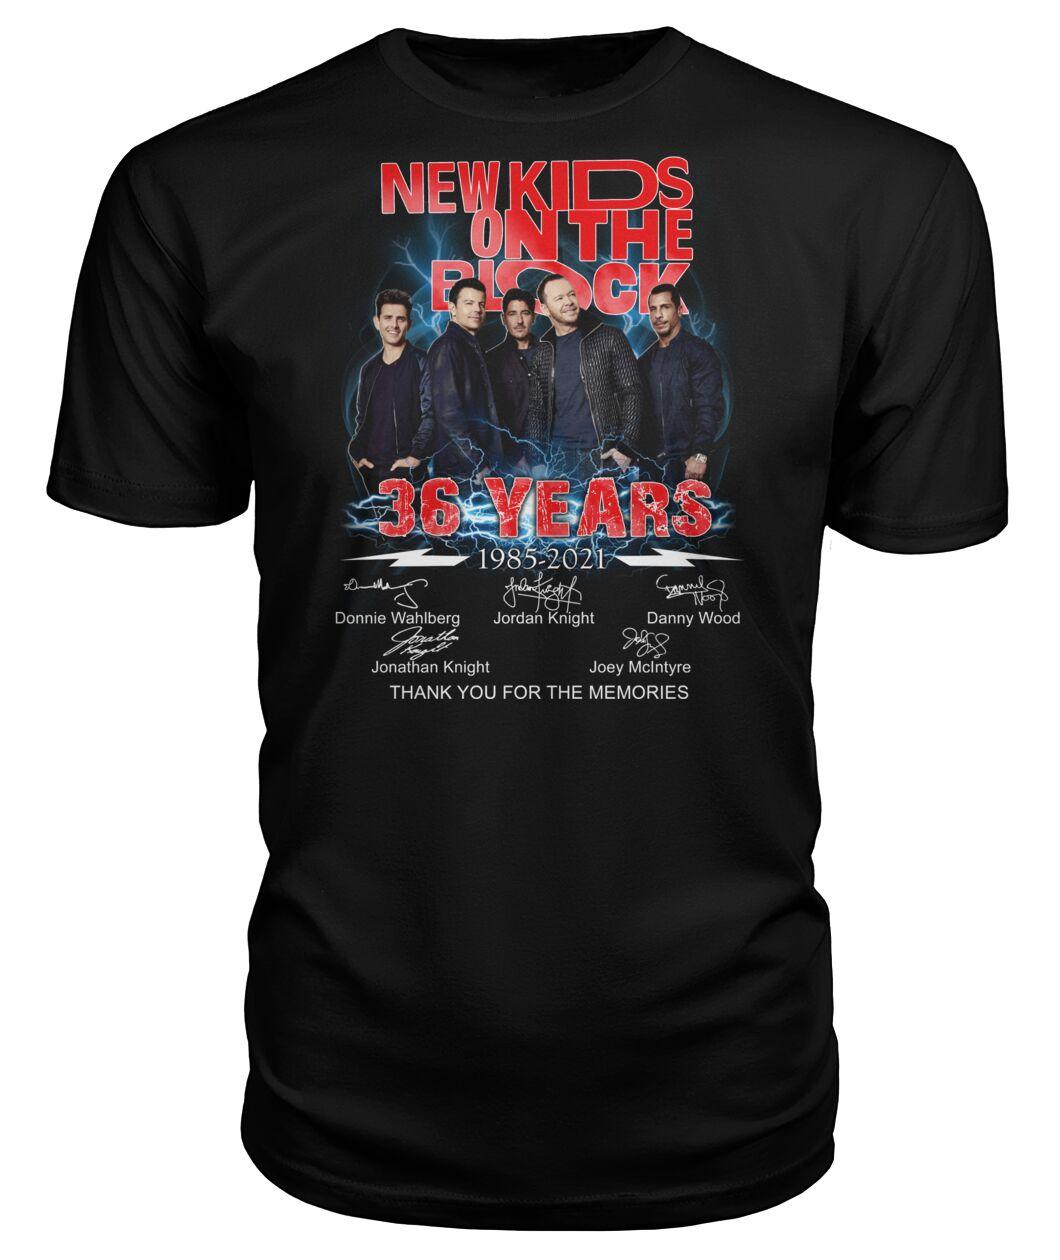 New Kids On The Block 36 Years 1985 - 2021 Shirt 11